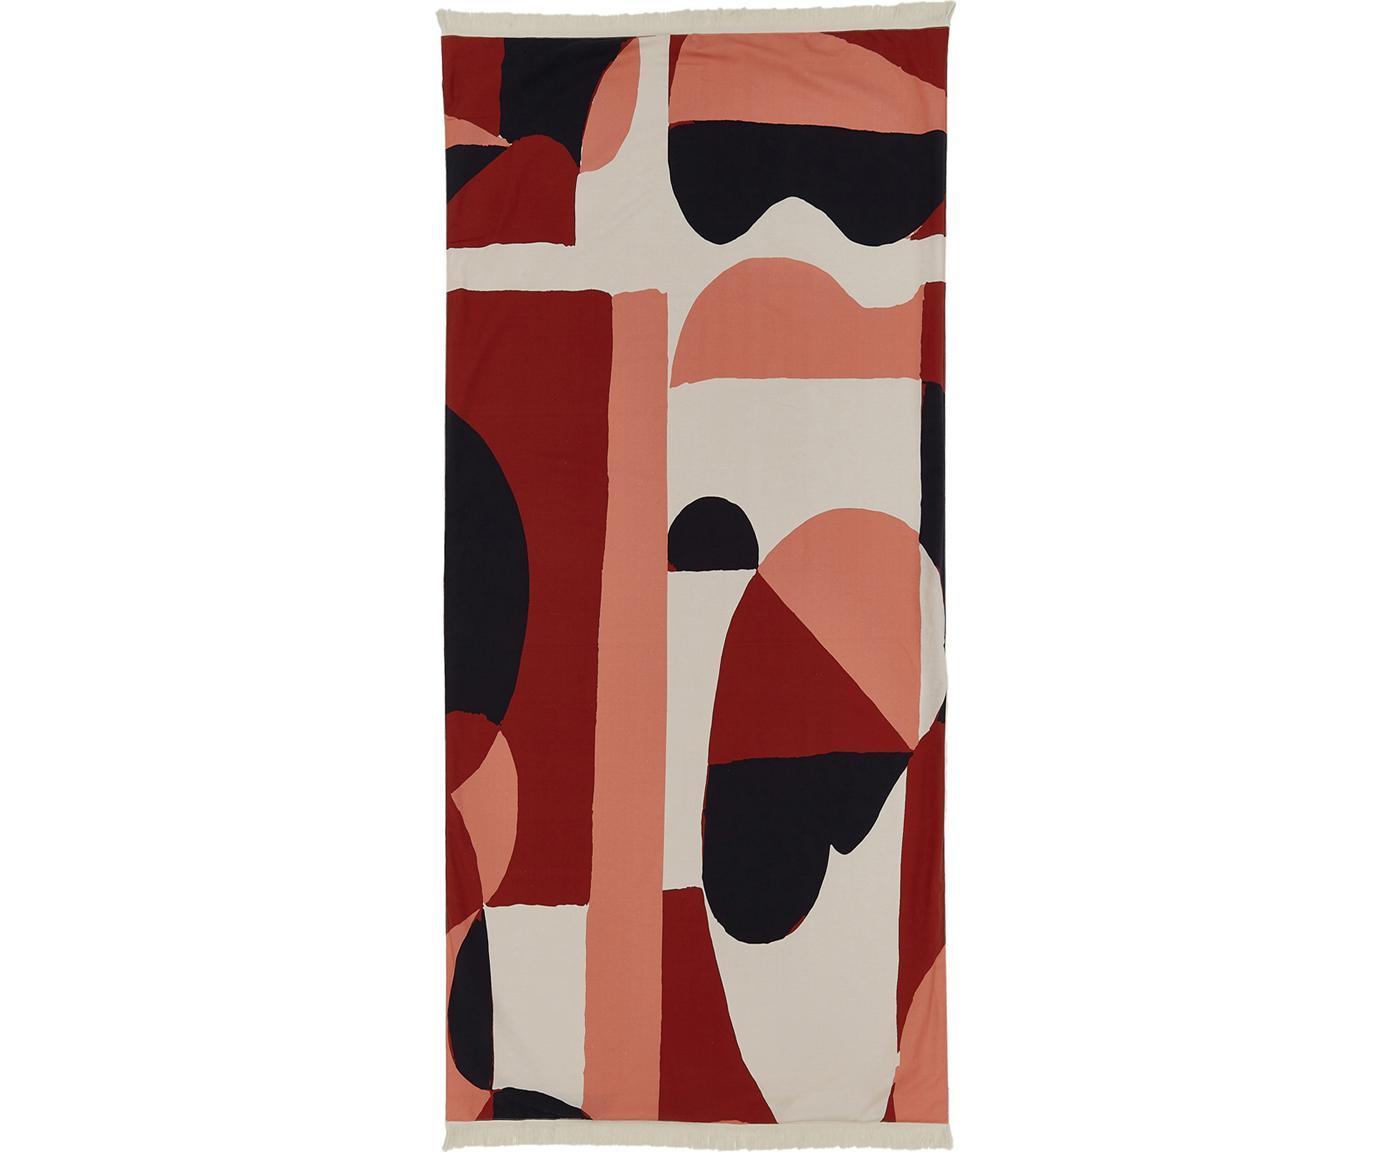 Hamamtuch Winwood mit Frottee-Rückseite und geometrischem Print, Vorderseite: 100% Baumwolle, leichte Q, Rückseite: Frottee, Rot, Rosa, Beige, Schwarz, 86 x 190 cm